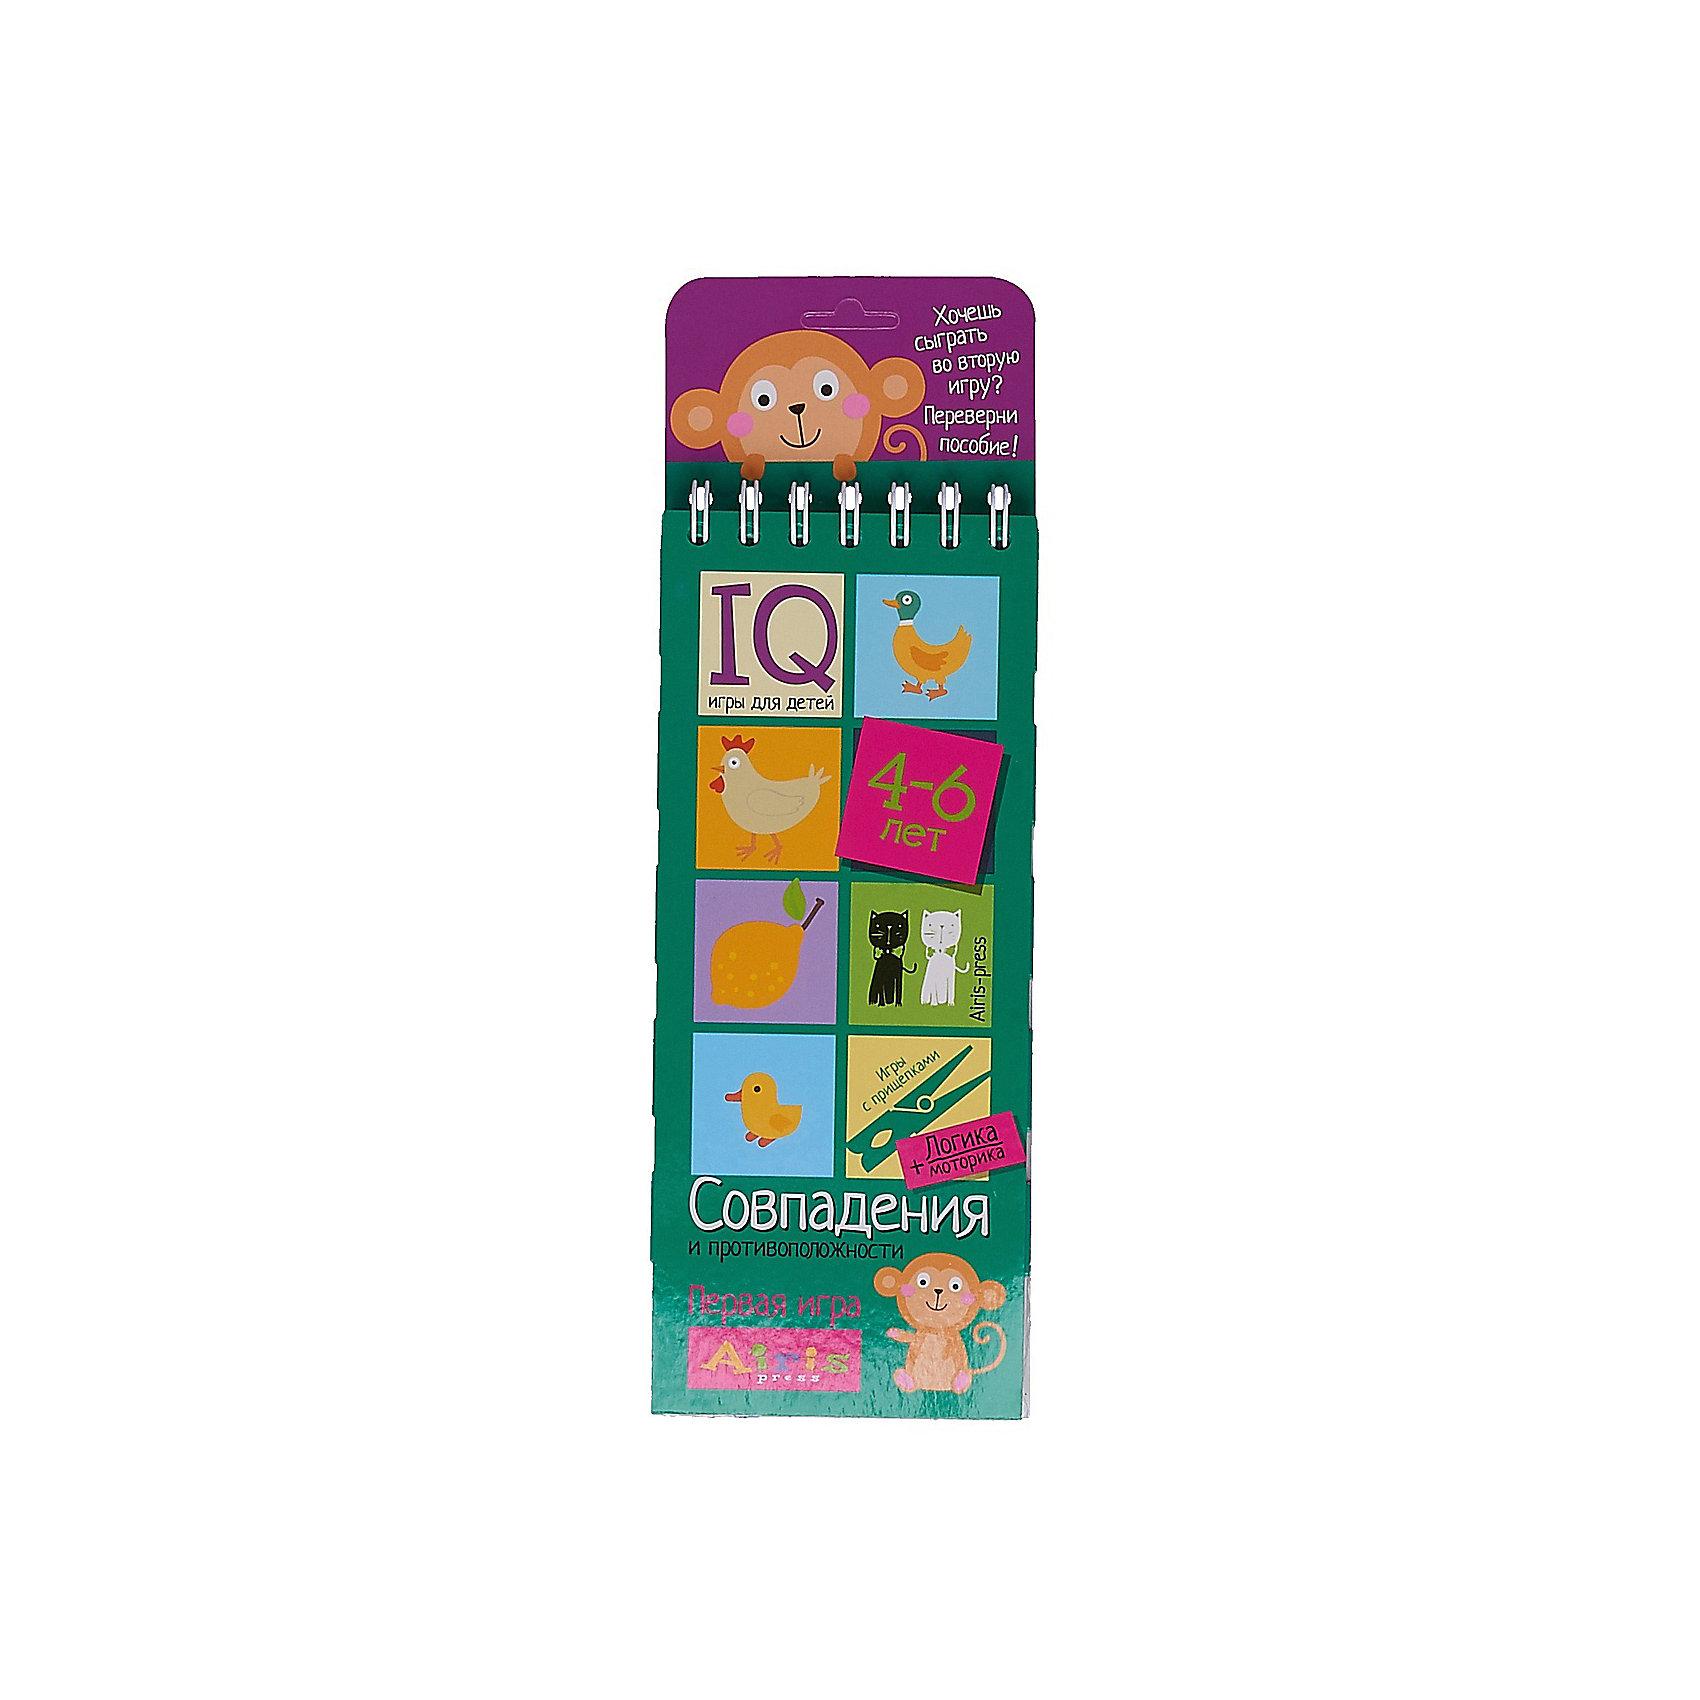 Игры с прищепками Совпадения и противоположностиКниги для развития мышления<br>Характеристики товара:<br><br>• возраст: от 4 лет<br>• комплектация: блокнот на пружине, состоящий из 30 картонных карточек; 8 разноцветных прищепок.<br>• производитель: Айрис-пресс<br>• серия: IQ игры<br>• иллюстрации: цветные<br>• размер блокнота: 23,5х9,5х1,5 см.<br>• размер прищепки: 3,5х0,5х1 см.<br><br>«Совпадения и противоположности» – это игровой комплект, с помощью которого ребенок научится находить одинаковые и противоположные качества предметов, сравнивать, анализировать, разовьет наглядно-образное мышление, внимание, наблюдательность, мелкую моторику и координацию.<br><br>Комплект представляет собой небольшой блокнот на пружине, состоящий из 30 картонных карточек, и 8 разноцветных прищепок. Ребенок должен составить пары из картинок, находя совпадения или противоположности. Напротив парных изображений он закрепляет прищепки одного цвета. Чтобы узнать правильный ответ, достаточно перевернуть страничку и провести рукой по лабиринту на обратной стороне. Если линия соединяет прищепки одного цвета, значит задание выполнено, правильно.<br><br>Простота и удобство комплекта позволяют использовать его в детском саду, дома и на отдыхе.<br><br>Игры с прищепками Совпадения и противоположности можно купить в нашем интернет-магазине.<br><br>Ширина мм: 15<br>Глубина мм: 95<br>Высота мм: 240<br>Вес г: 138<br>Возраст от месяцев: 48<br>Возраст до месяцев: 72<br>Пол: Унисекс<br>Возраст: Детский<br>SKU: 6849566